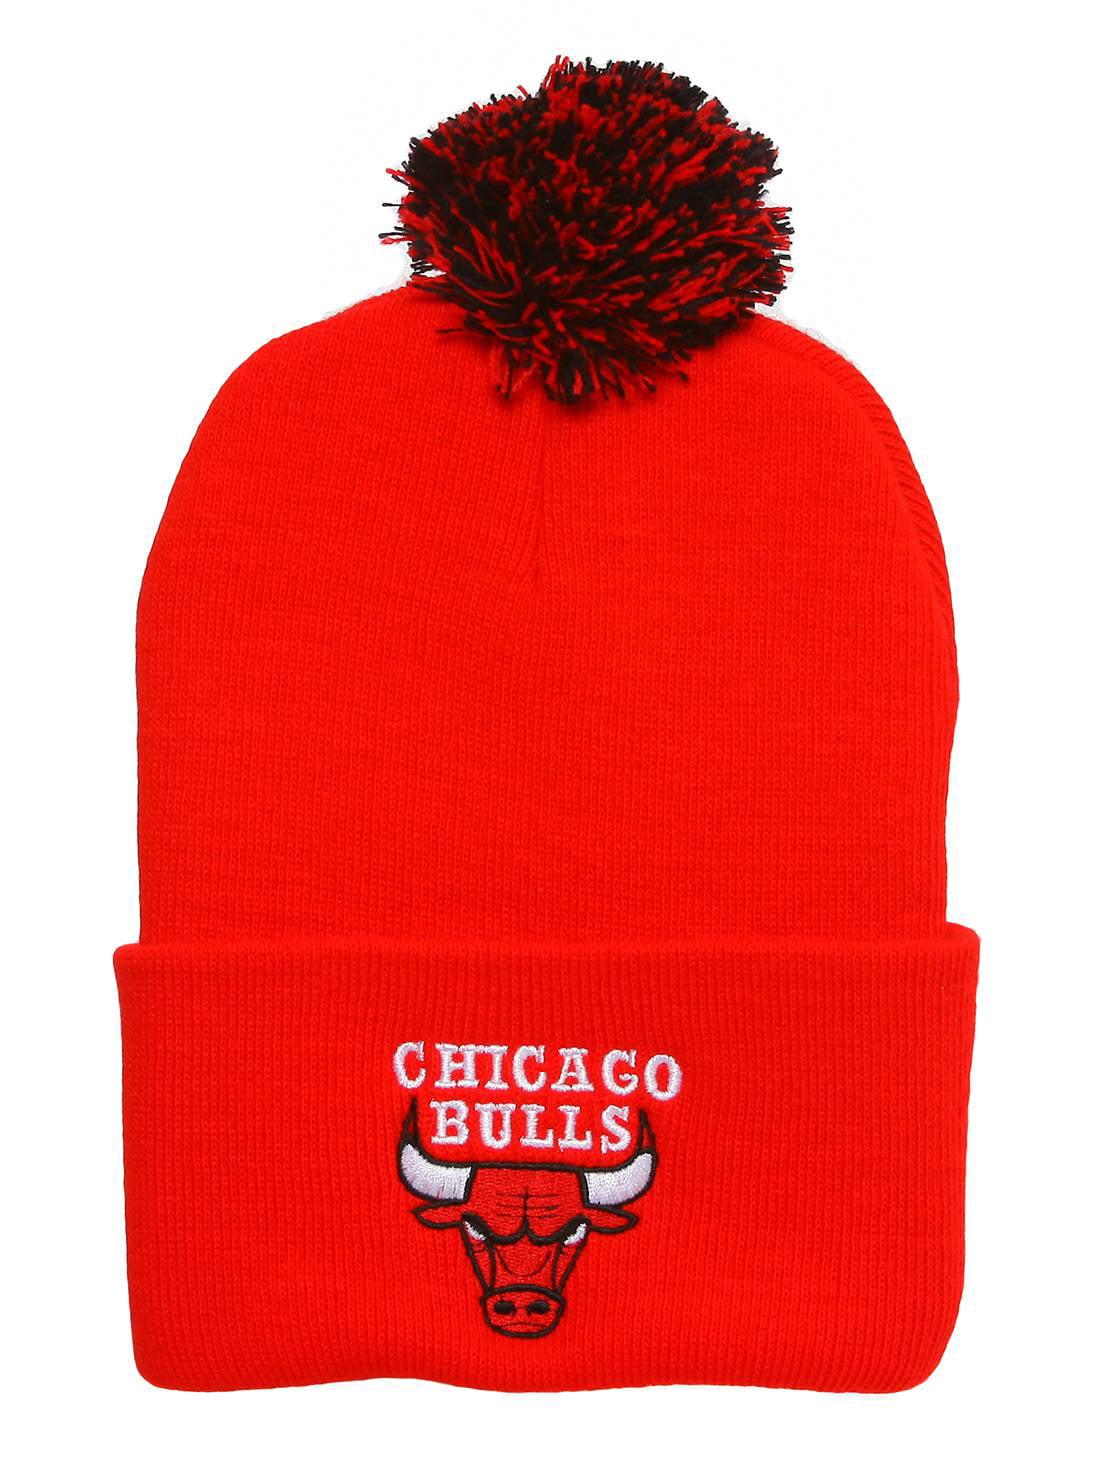 Chicago Bulls Red Cuffed Beanie w  Pom + Lanyard 6b5bc55fa38